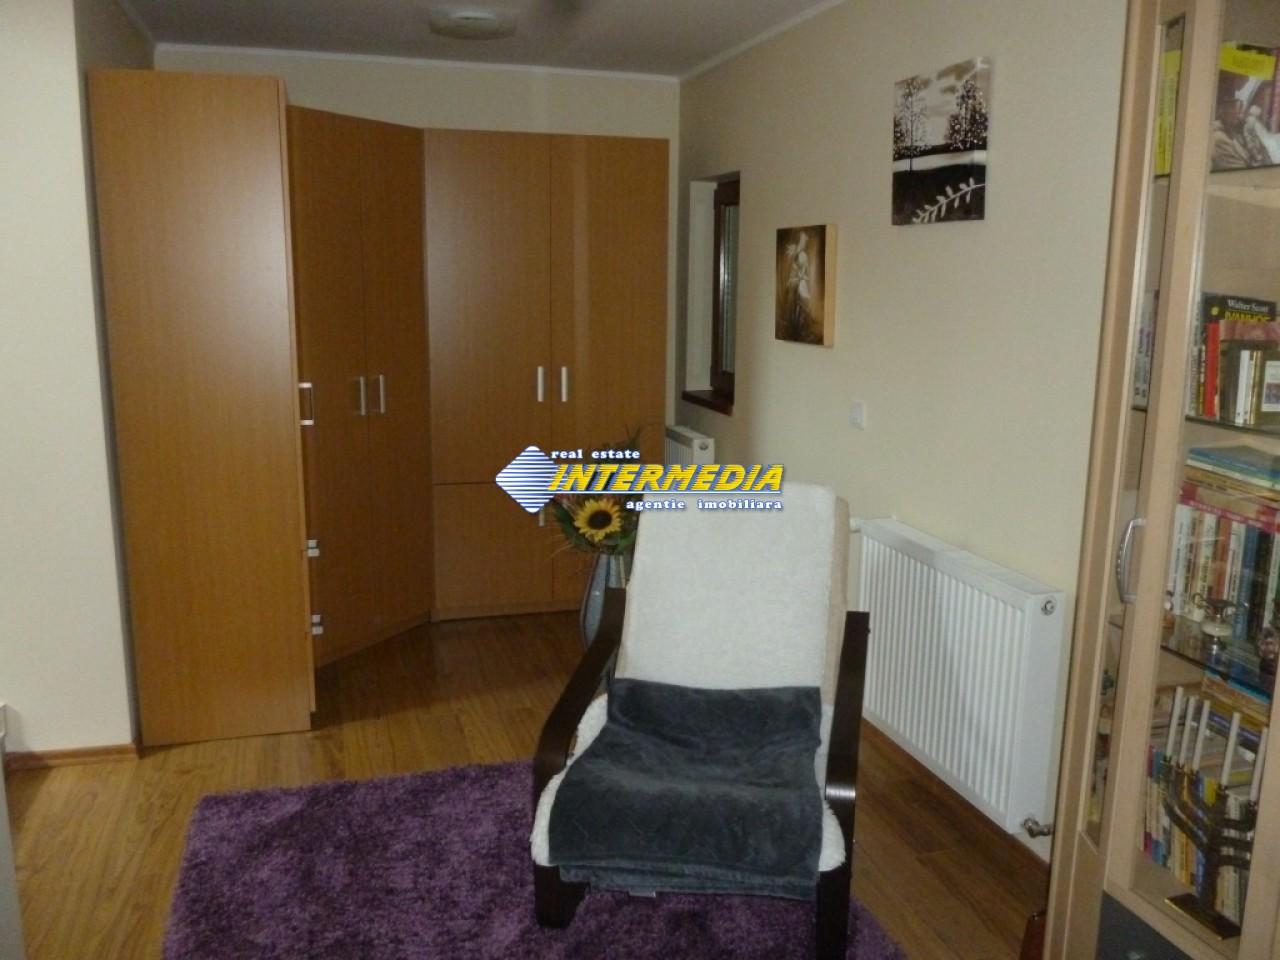 Casa de vanzare Cetate Alba Iulia-22460-11